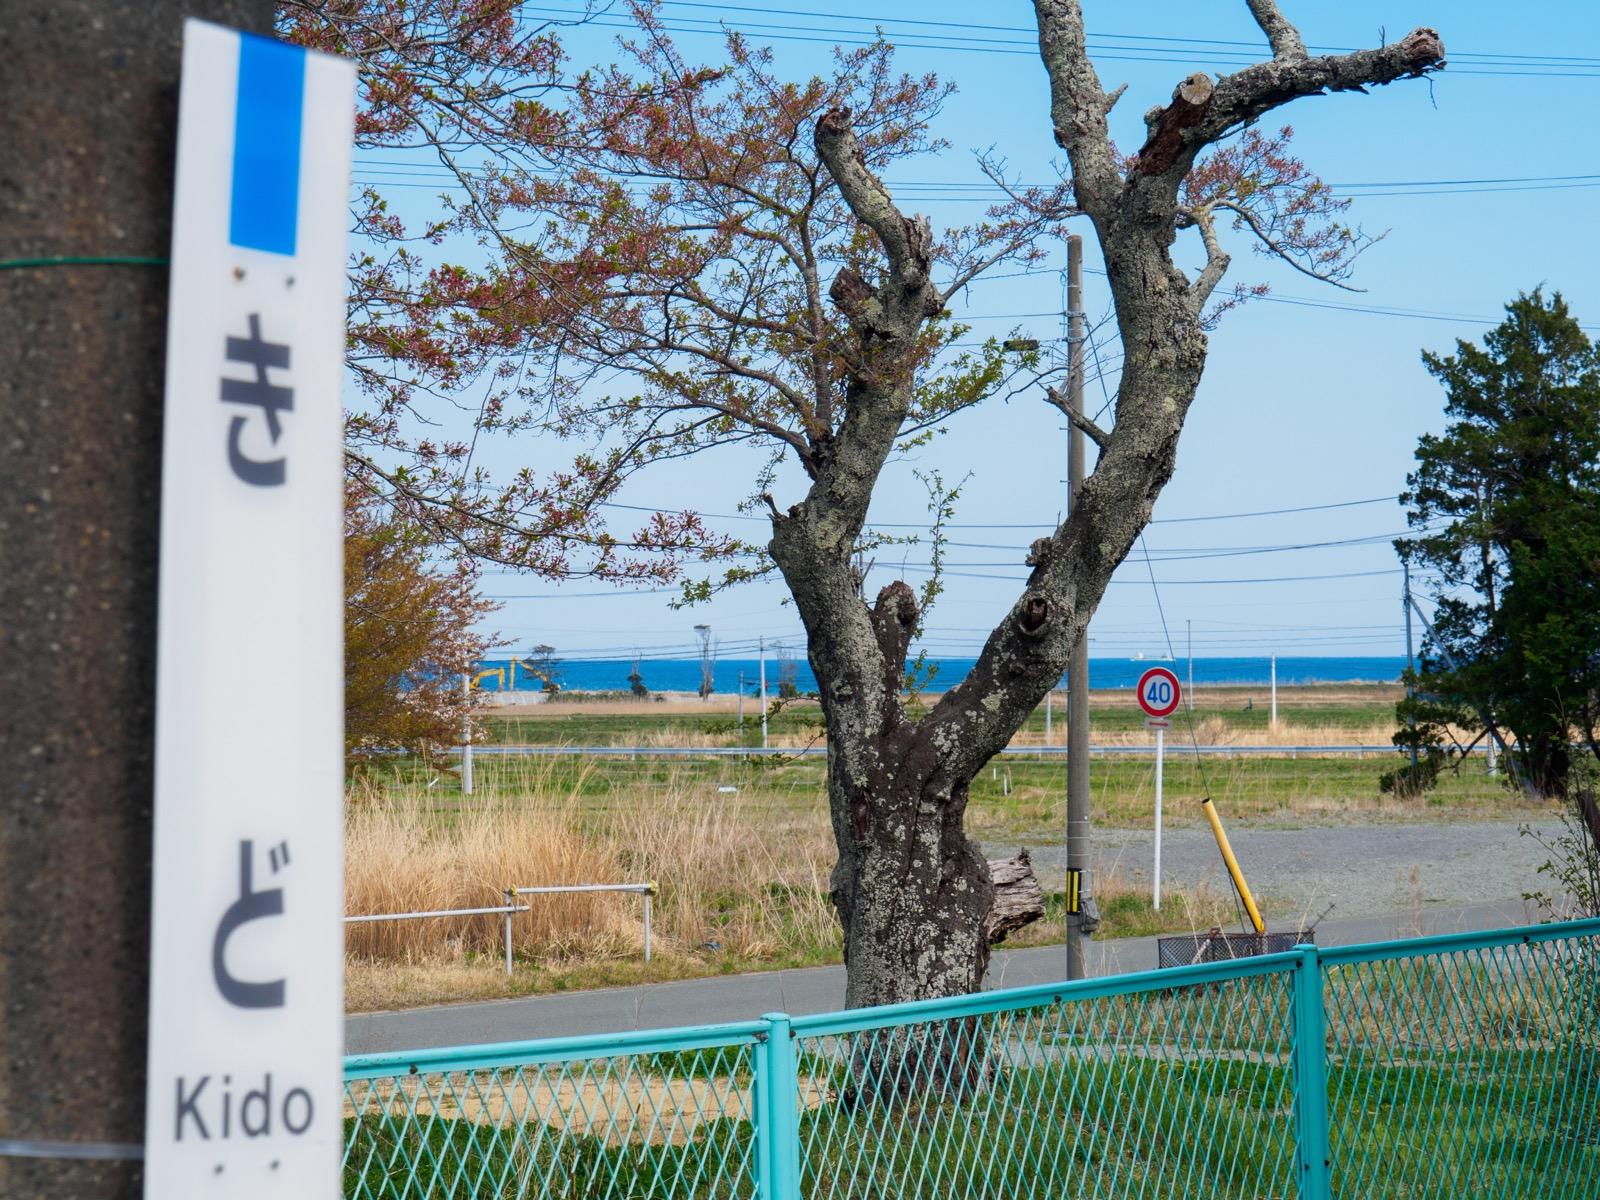 木戸駅のホームから見える太平洋と桜の木(2017年4月)